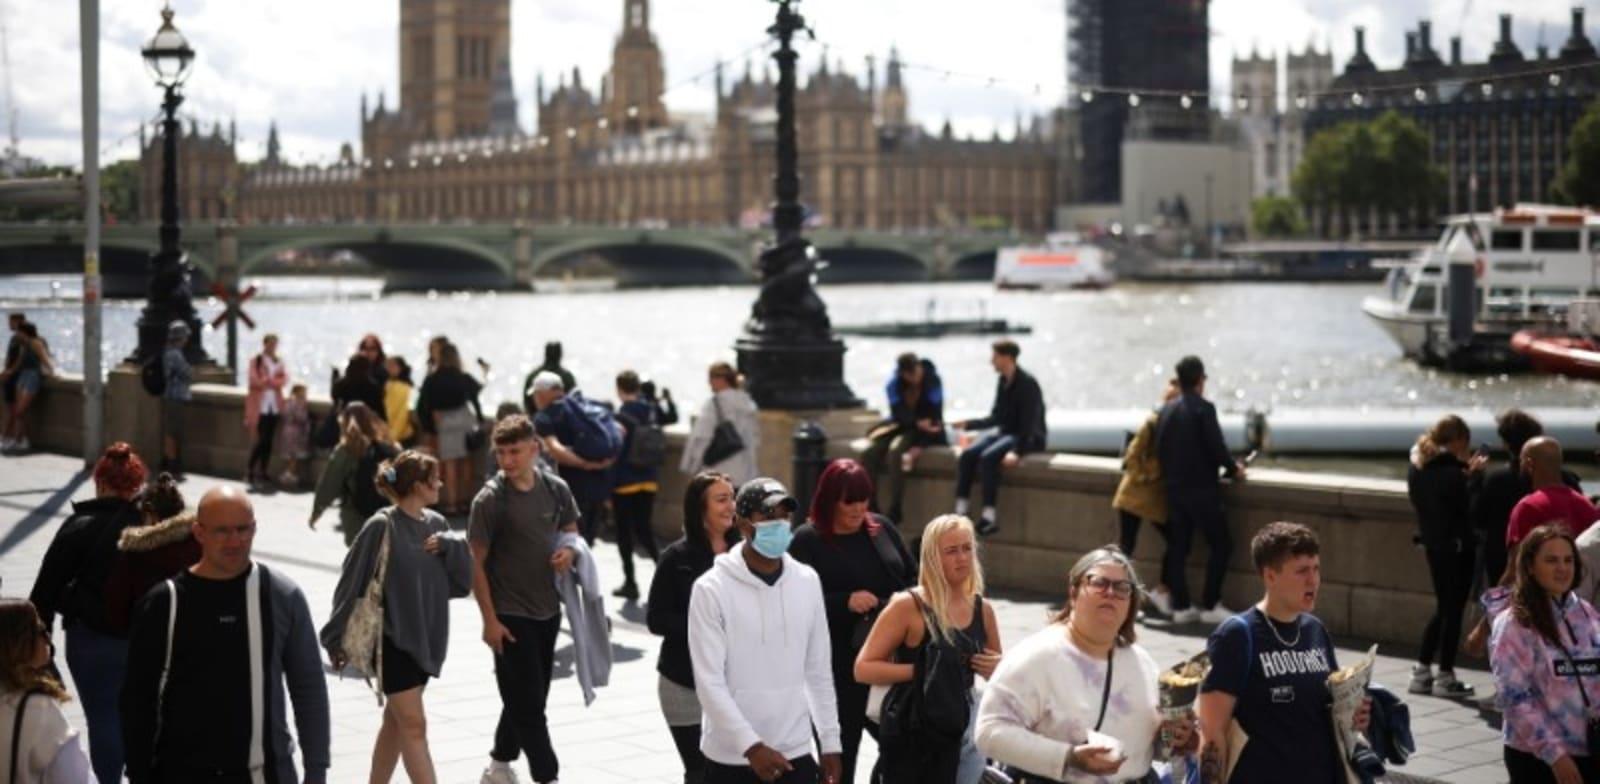 מנסים לחזור לשגרה בלונדון. פחות מ-20% מהעובדים בעיר שבו לעבוד במשרד / צילום: Reuters